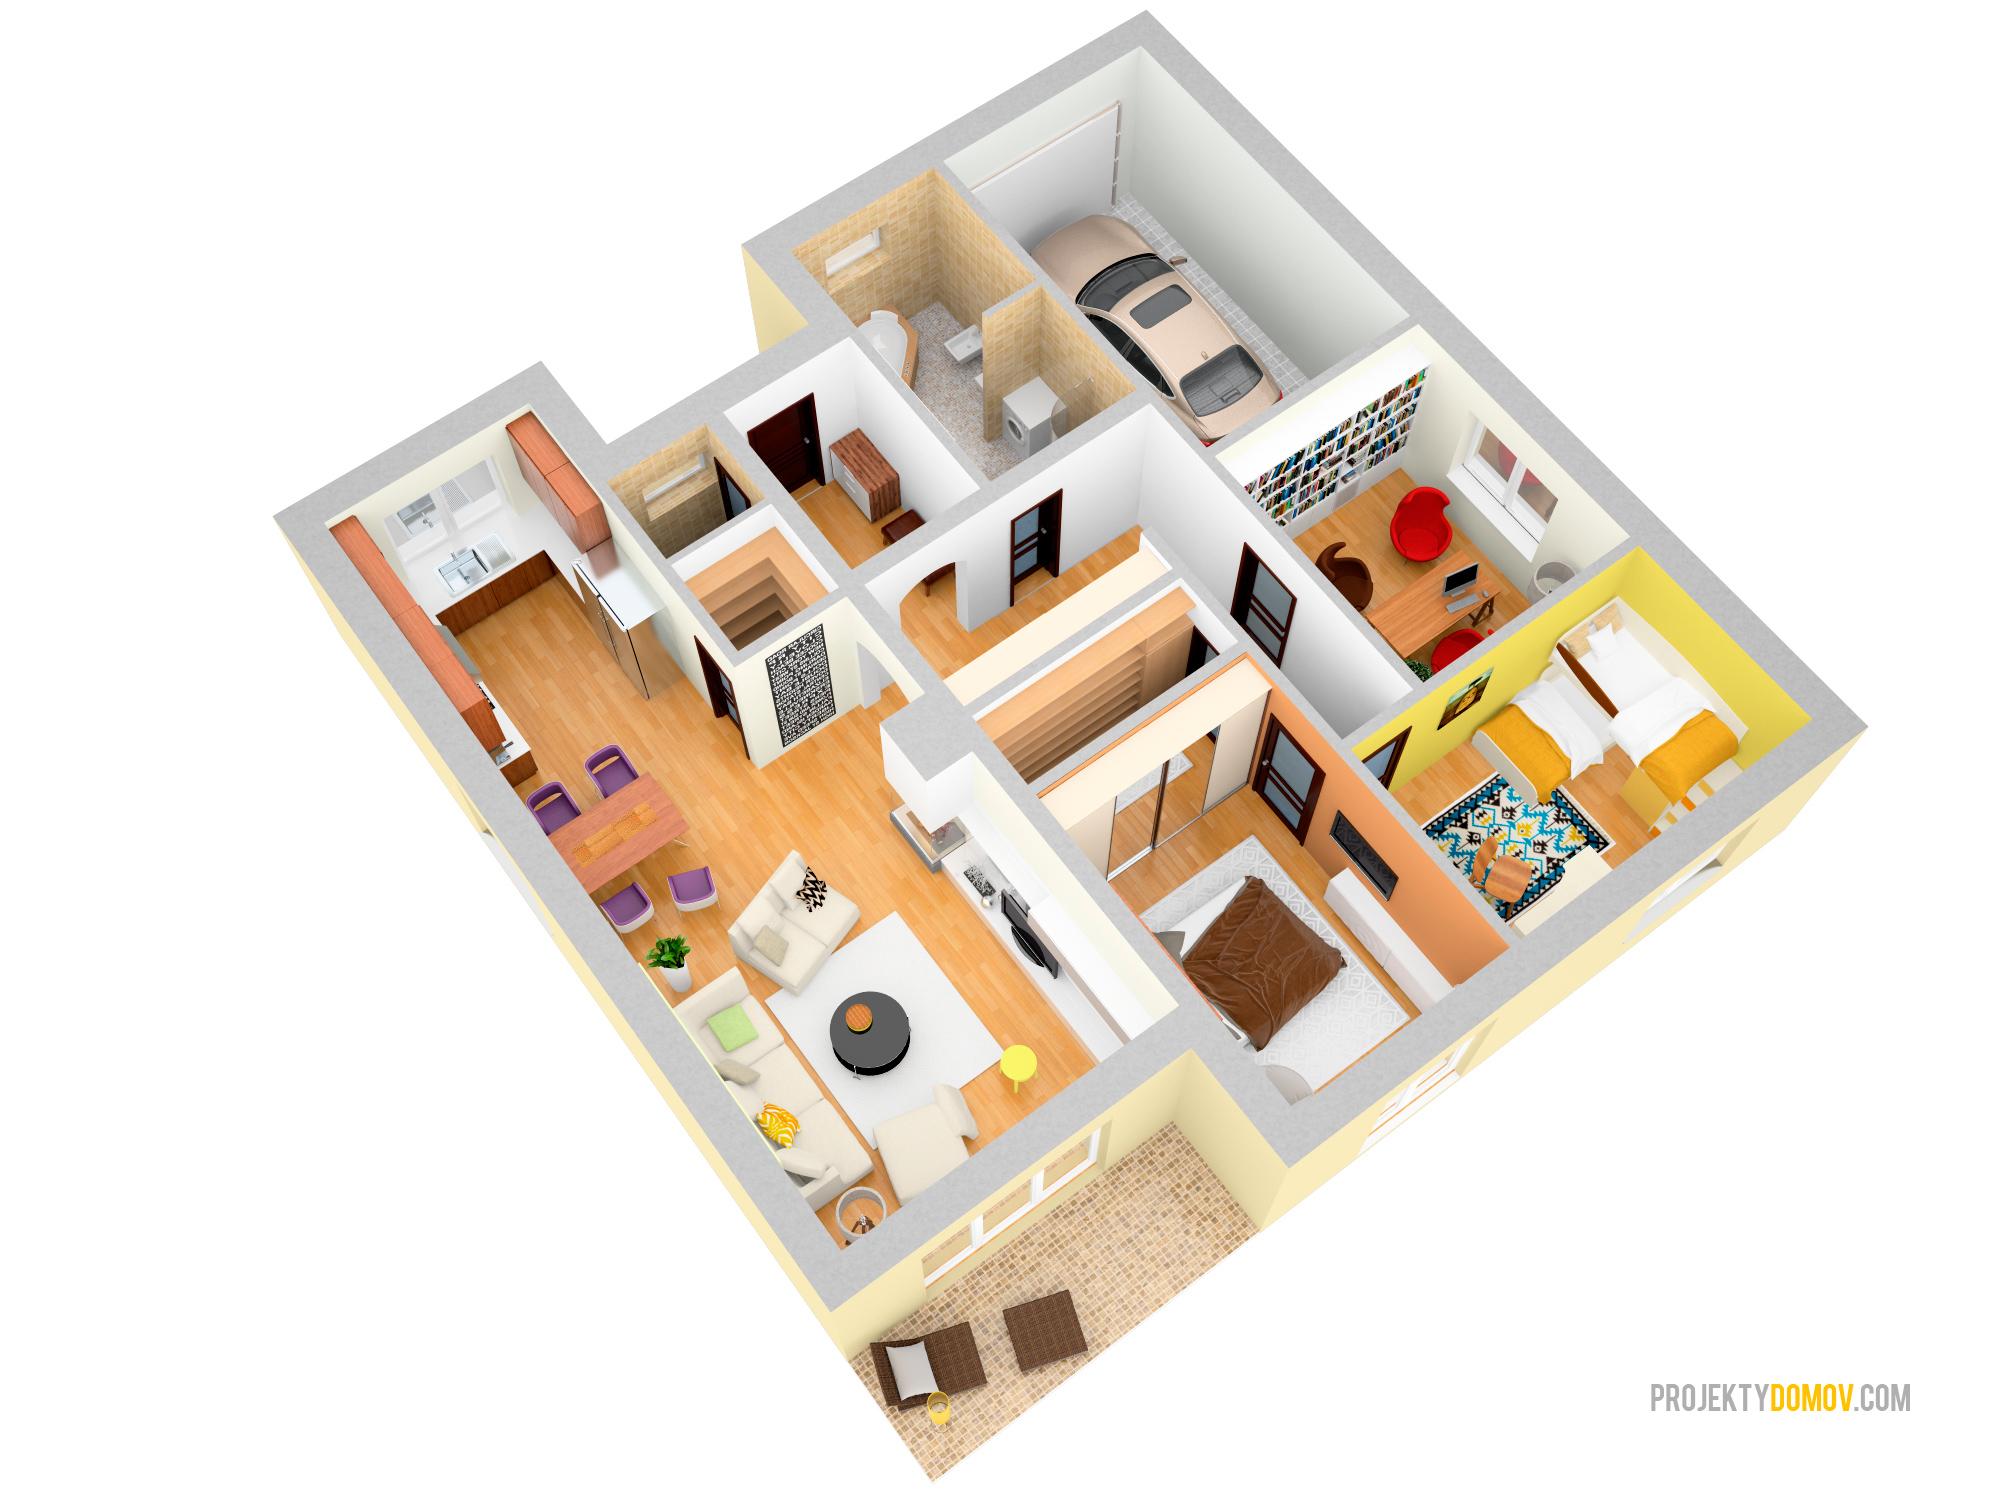 Projekty rodinných domov - projekt domu dom rocca